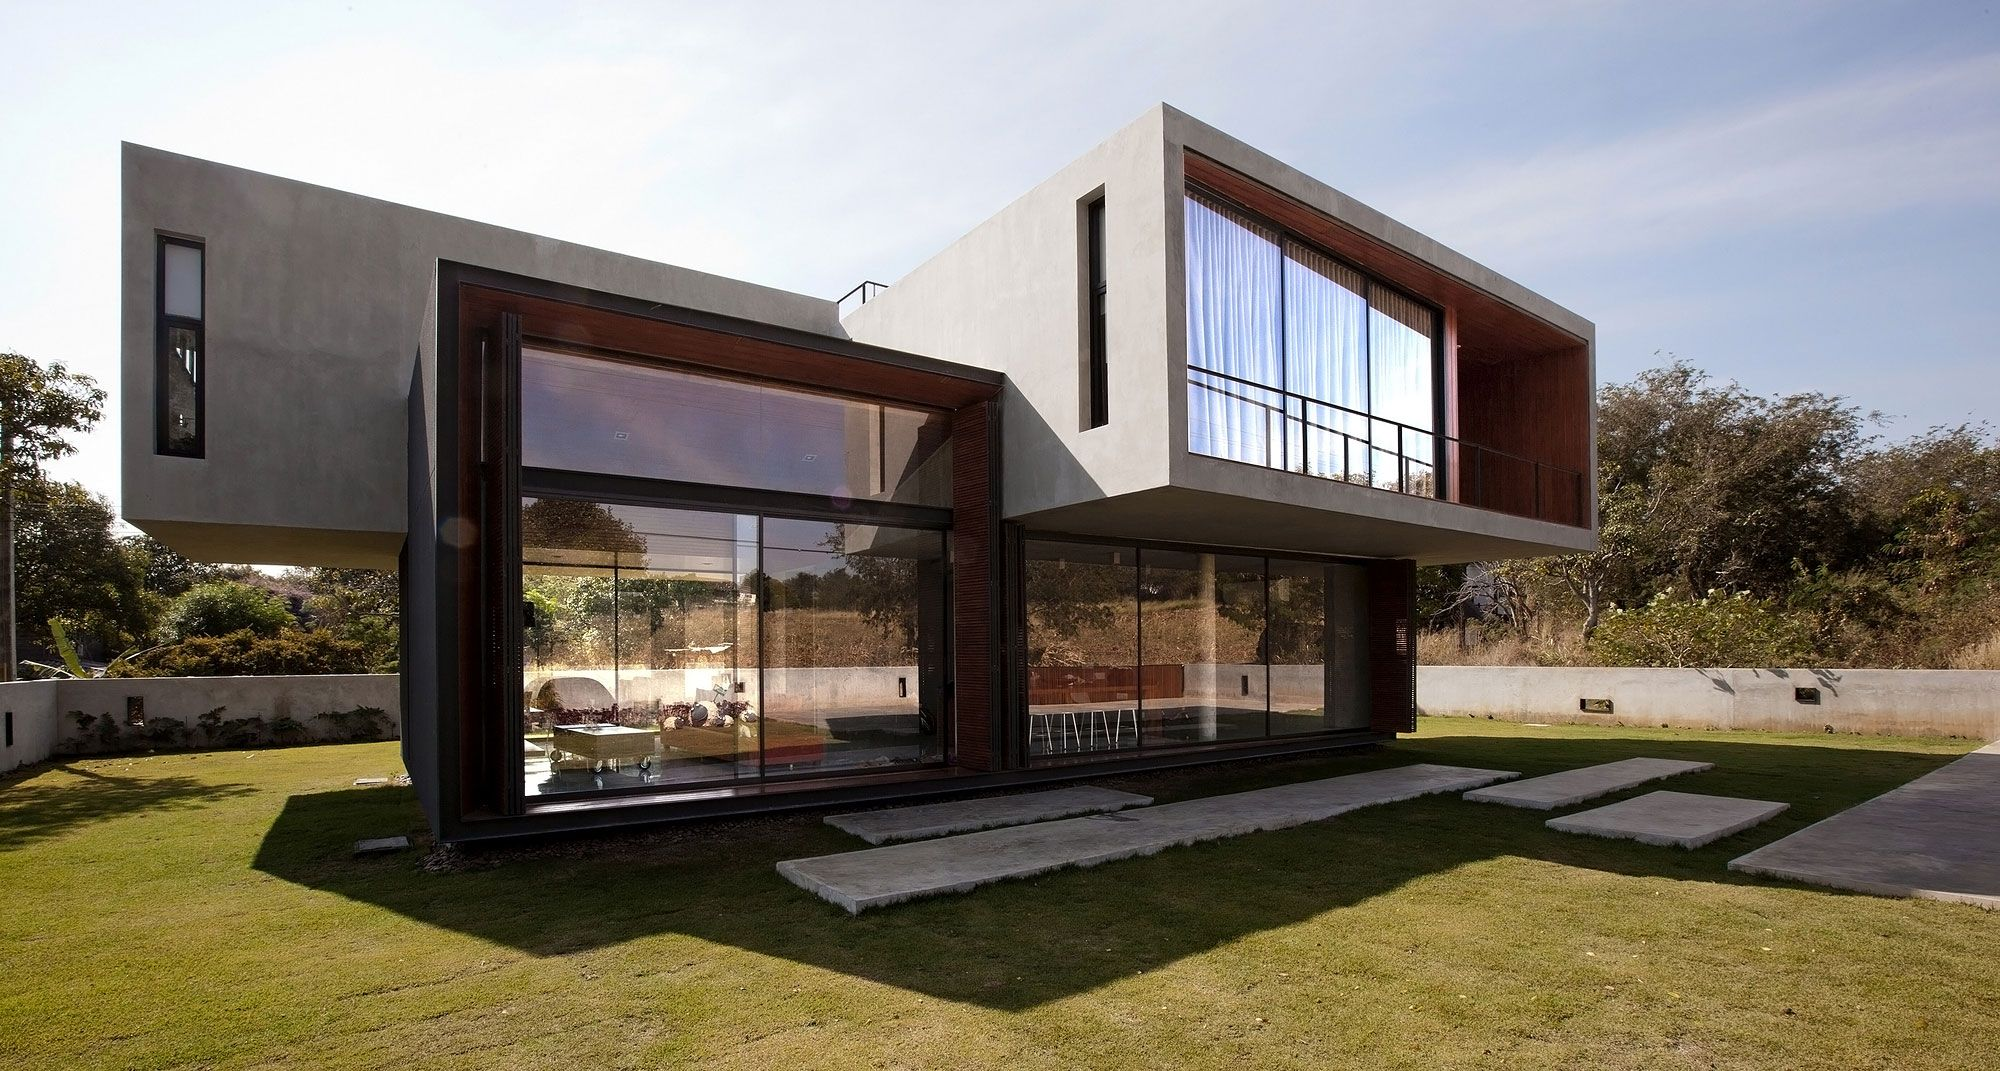 Concrete Home Designs In Narrow Slot Architecture Toobe8